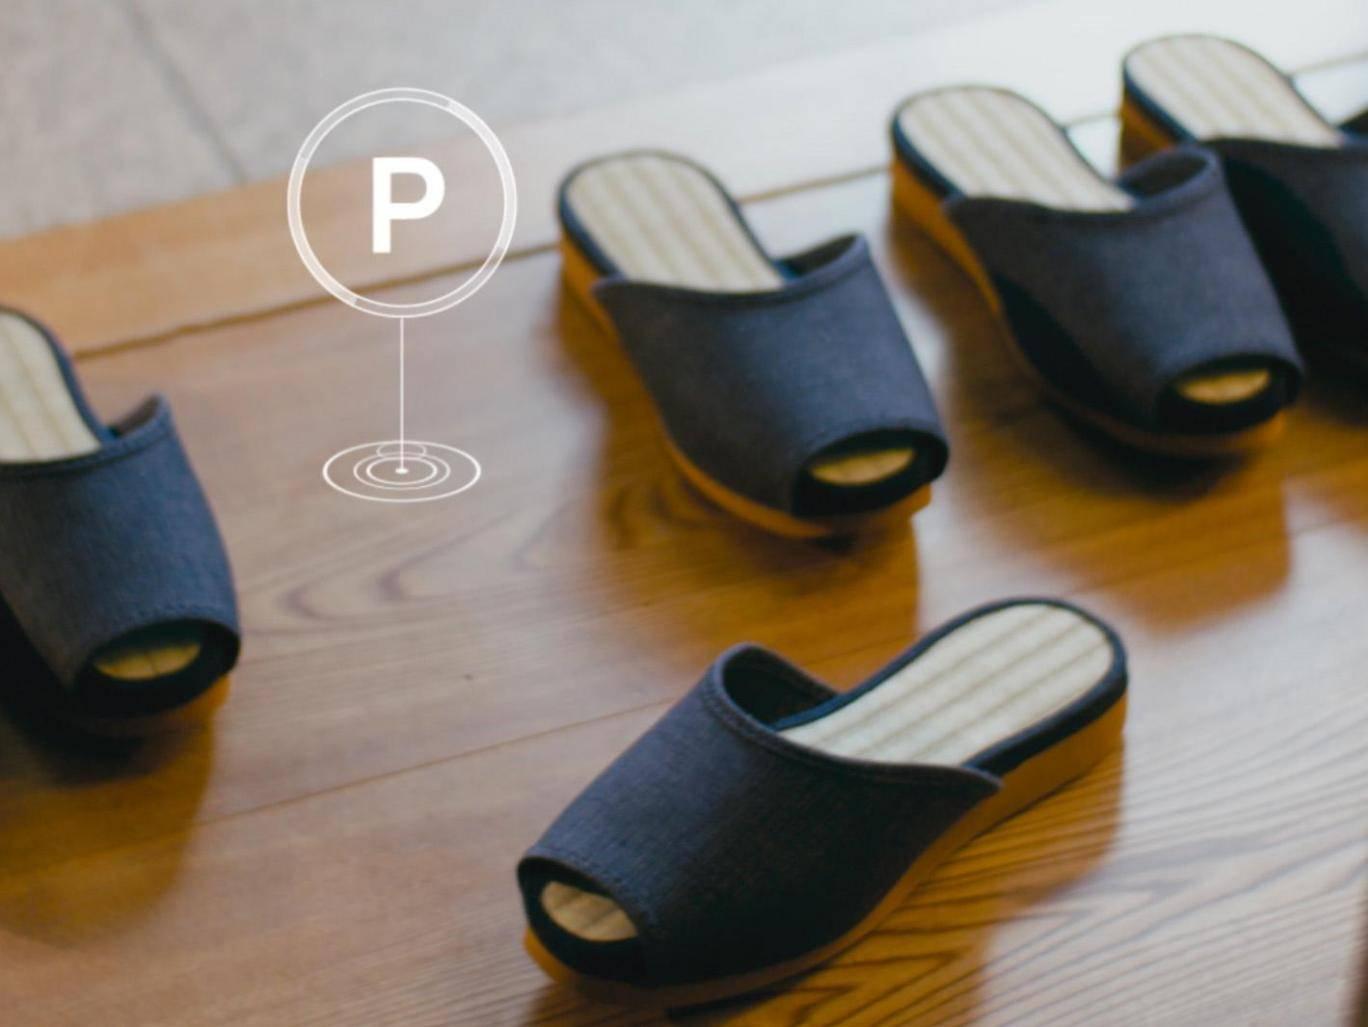 Японский отель предлагает гостям тапки-самоходы и «умную» мебель